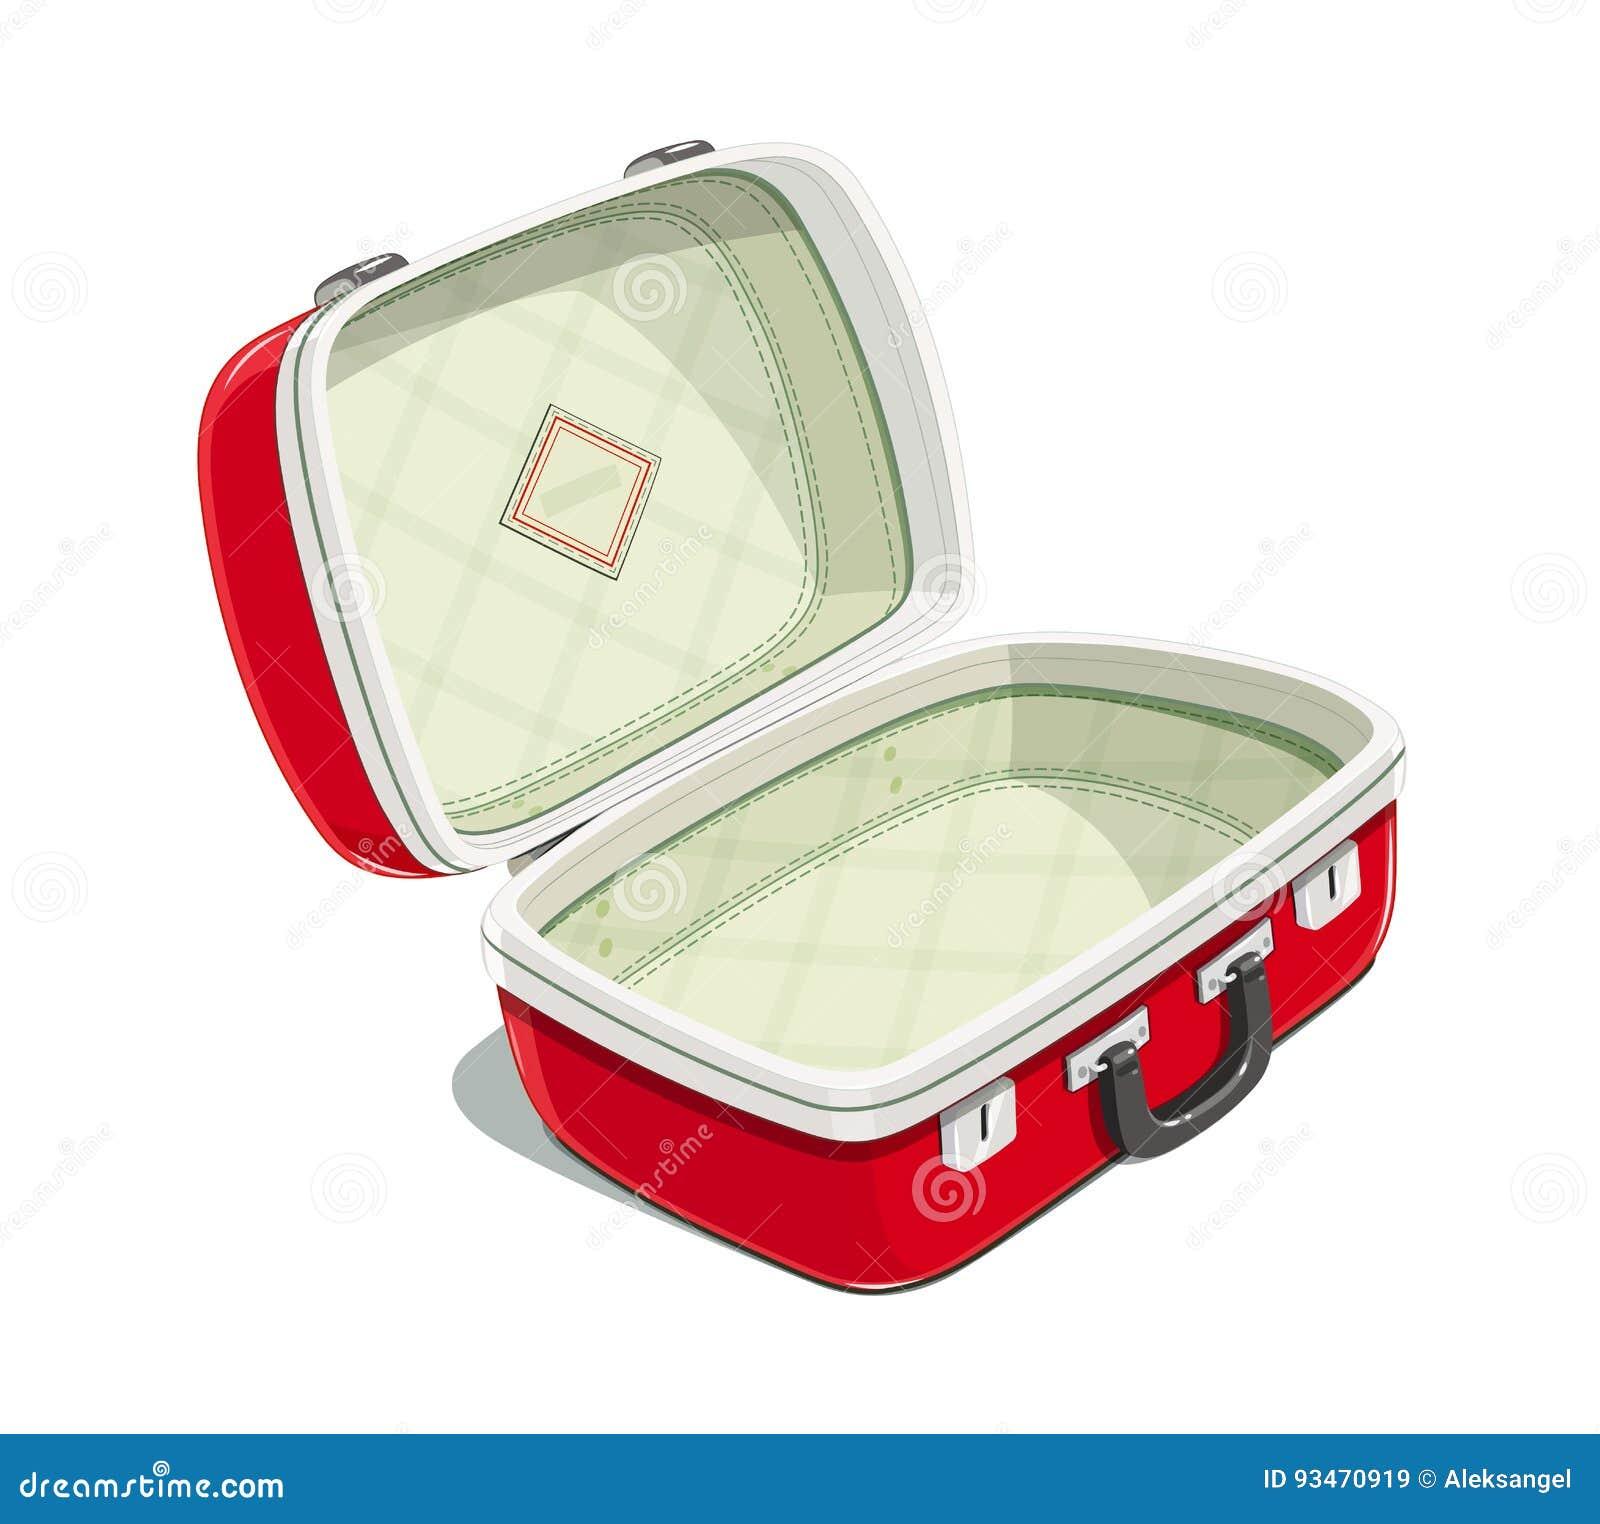 4ab27caf67 Valigia aperta di rosso per il viaggio Caso di viaggio Borsa di viaggio  Accessori che imballano i vestiti Fondo bianco isolato Illustrazione di  vettore